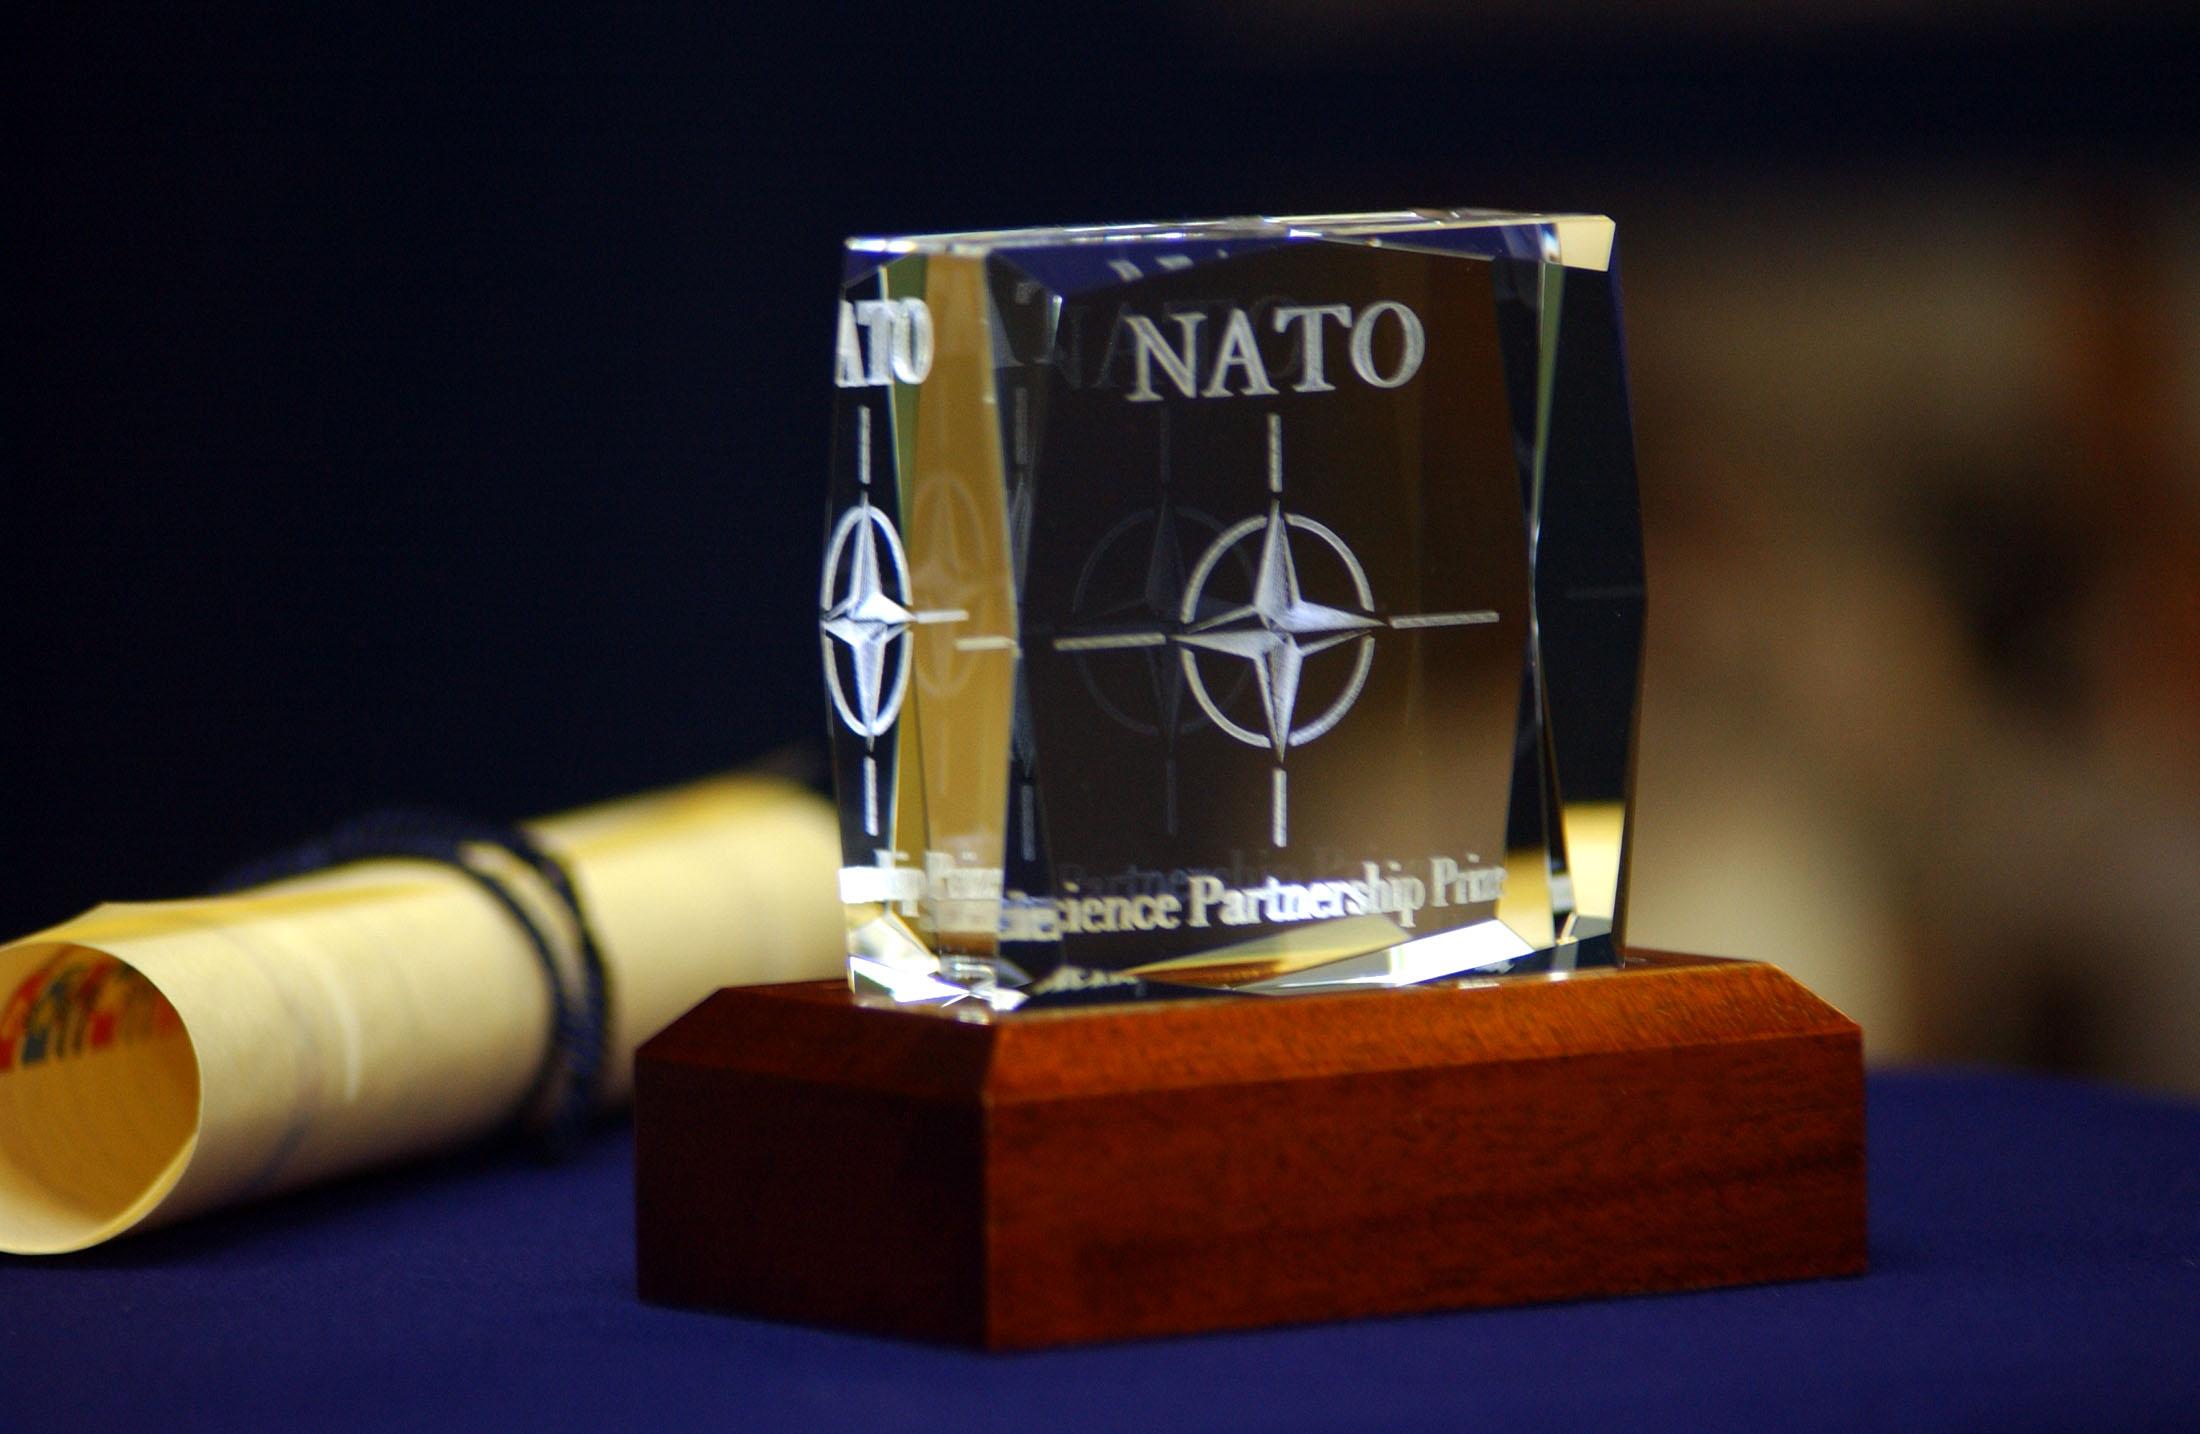 Новая холодная война? Россия и НАТО создали горячую линию, чтобы поддерживать связь